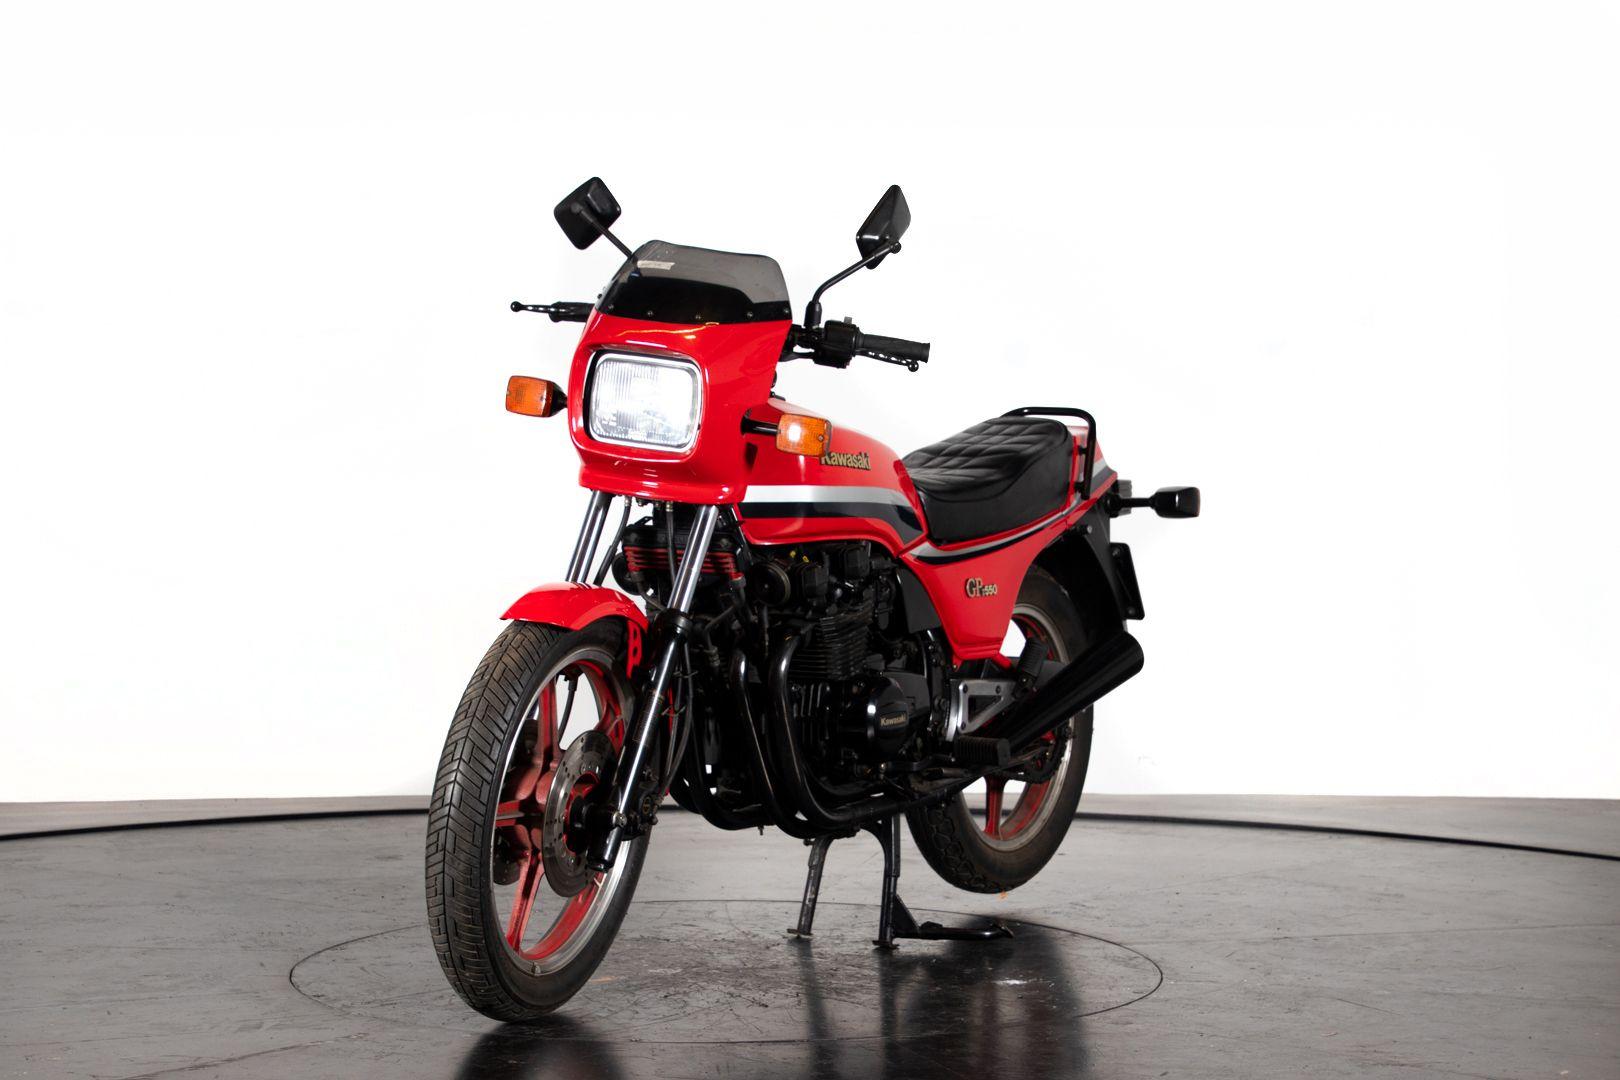 1983 Kawasaki KZ 550 46230